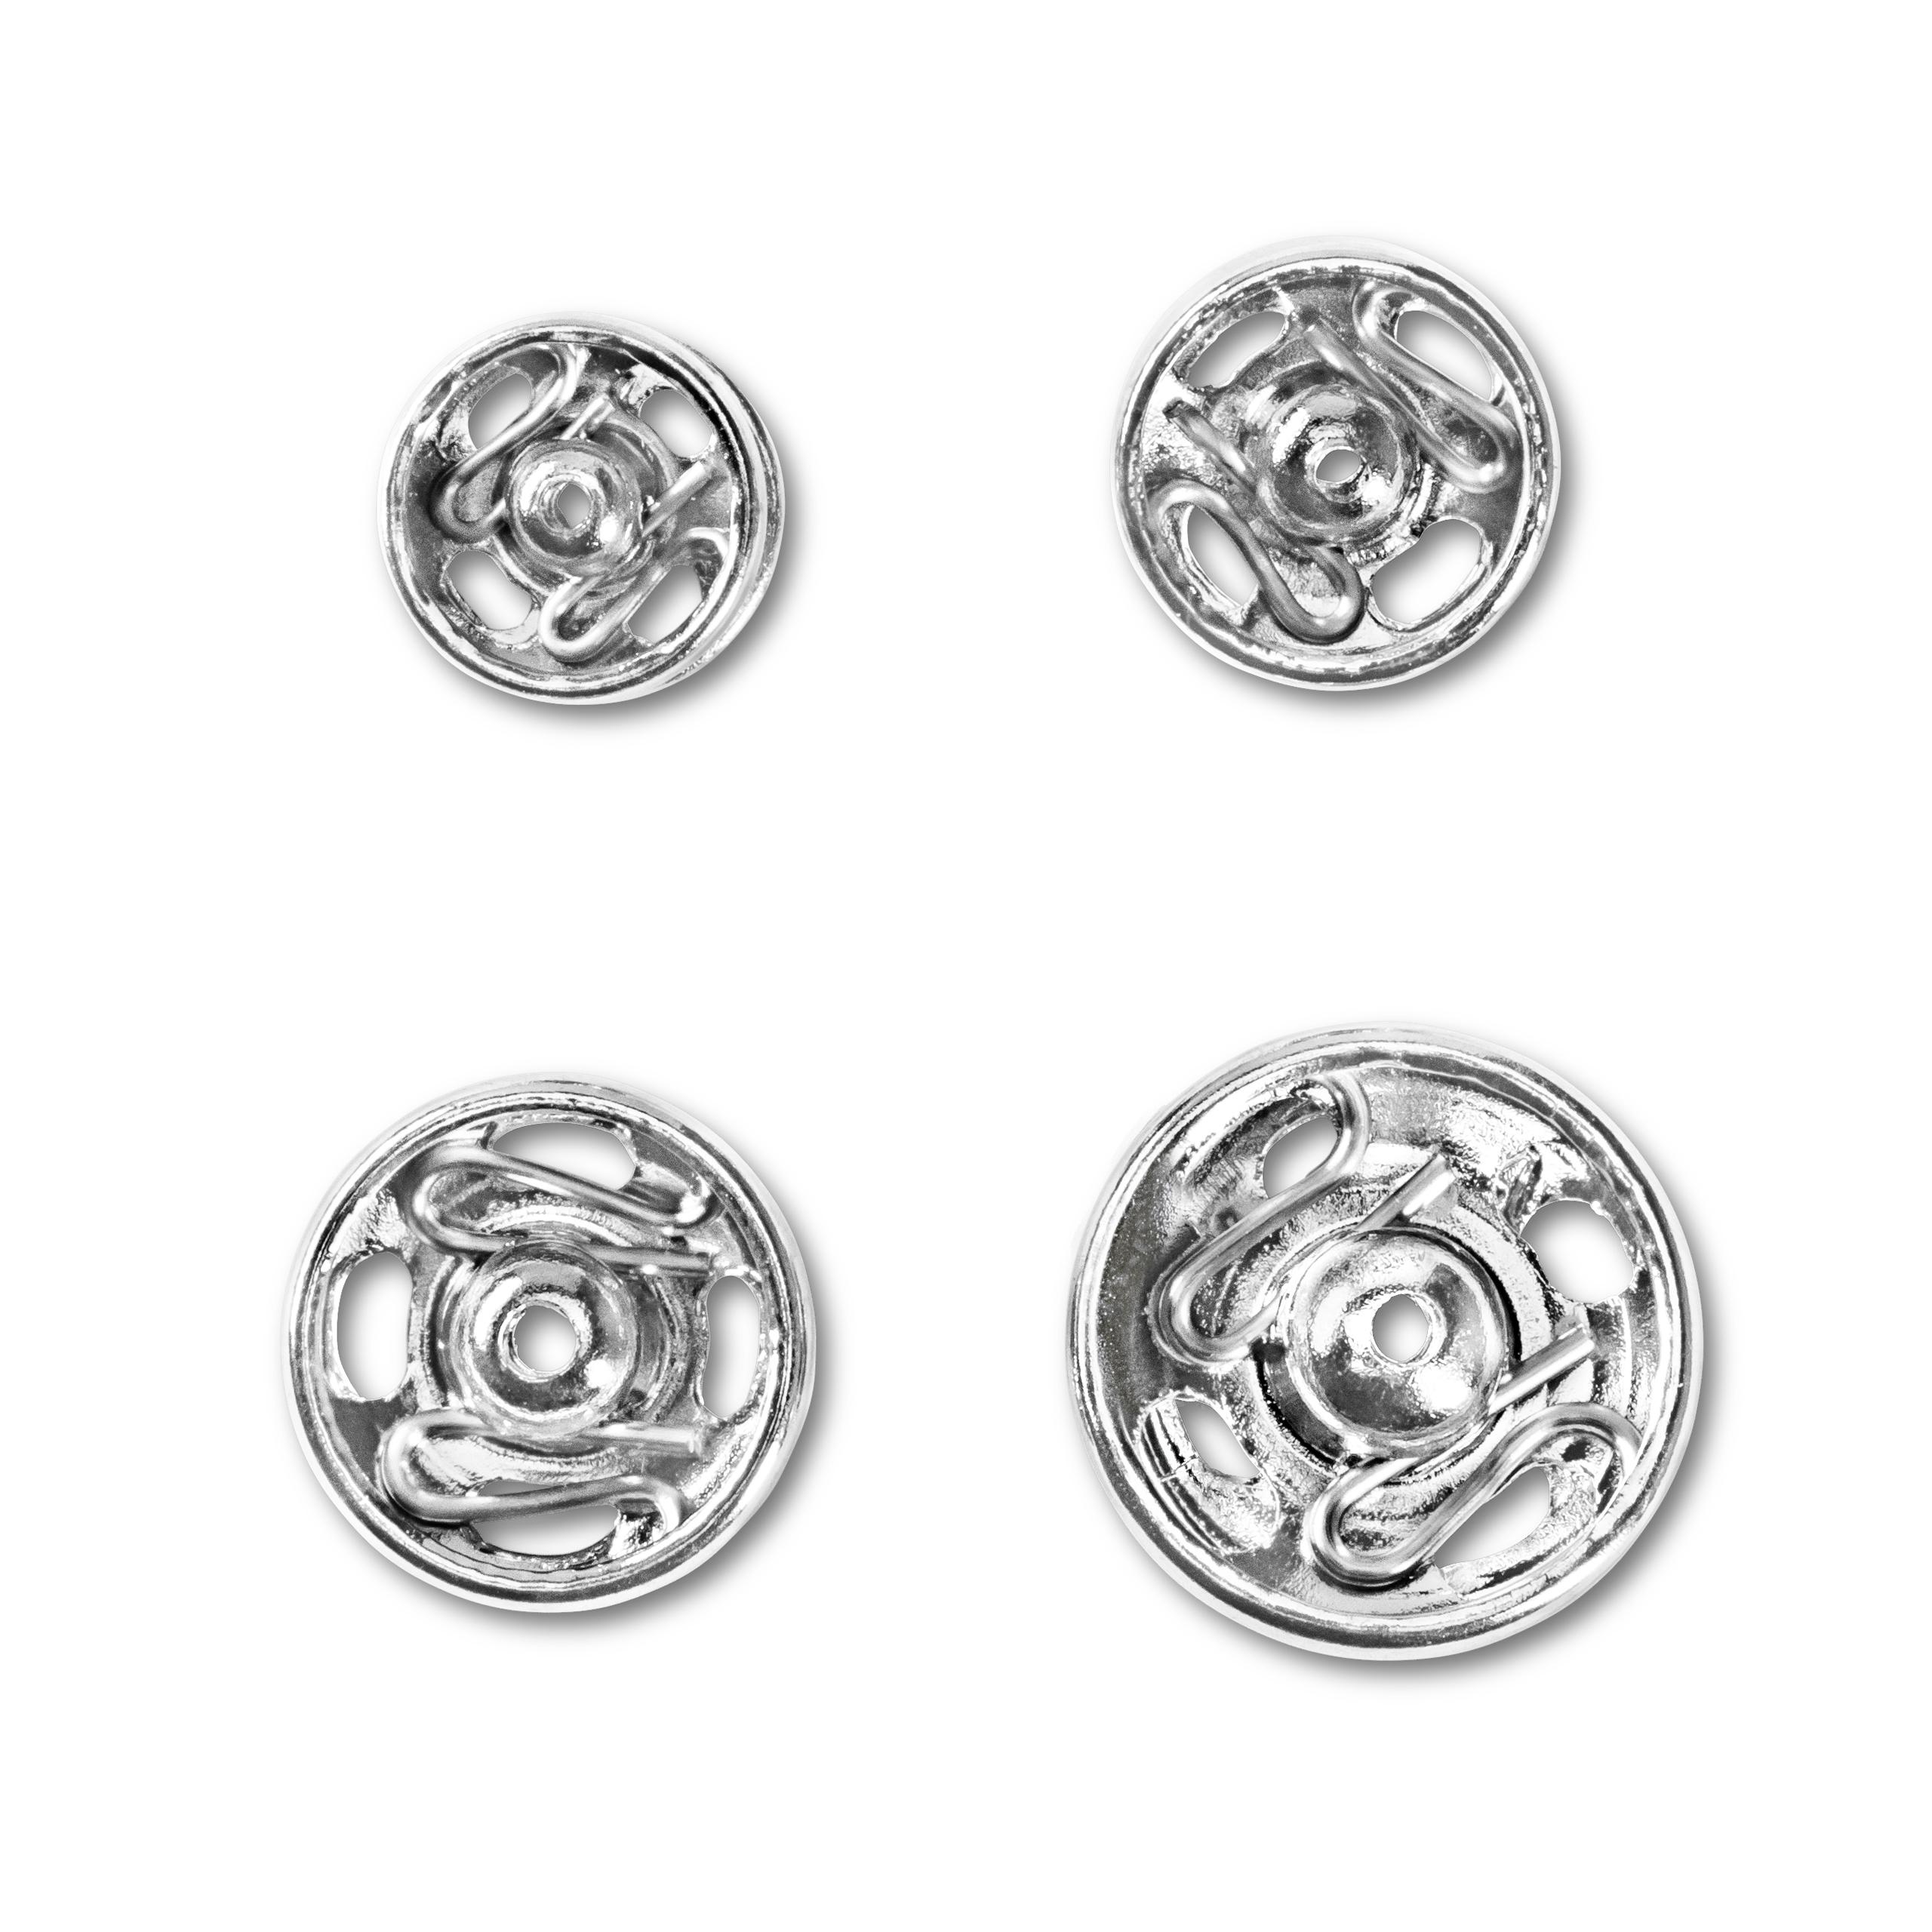 Druckknöpfe 20 Stück, 6 - 11 mm, Prym - Art. 341270